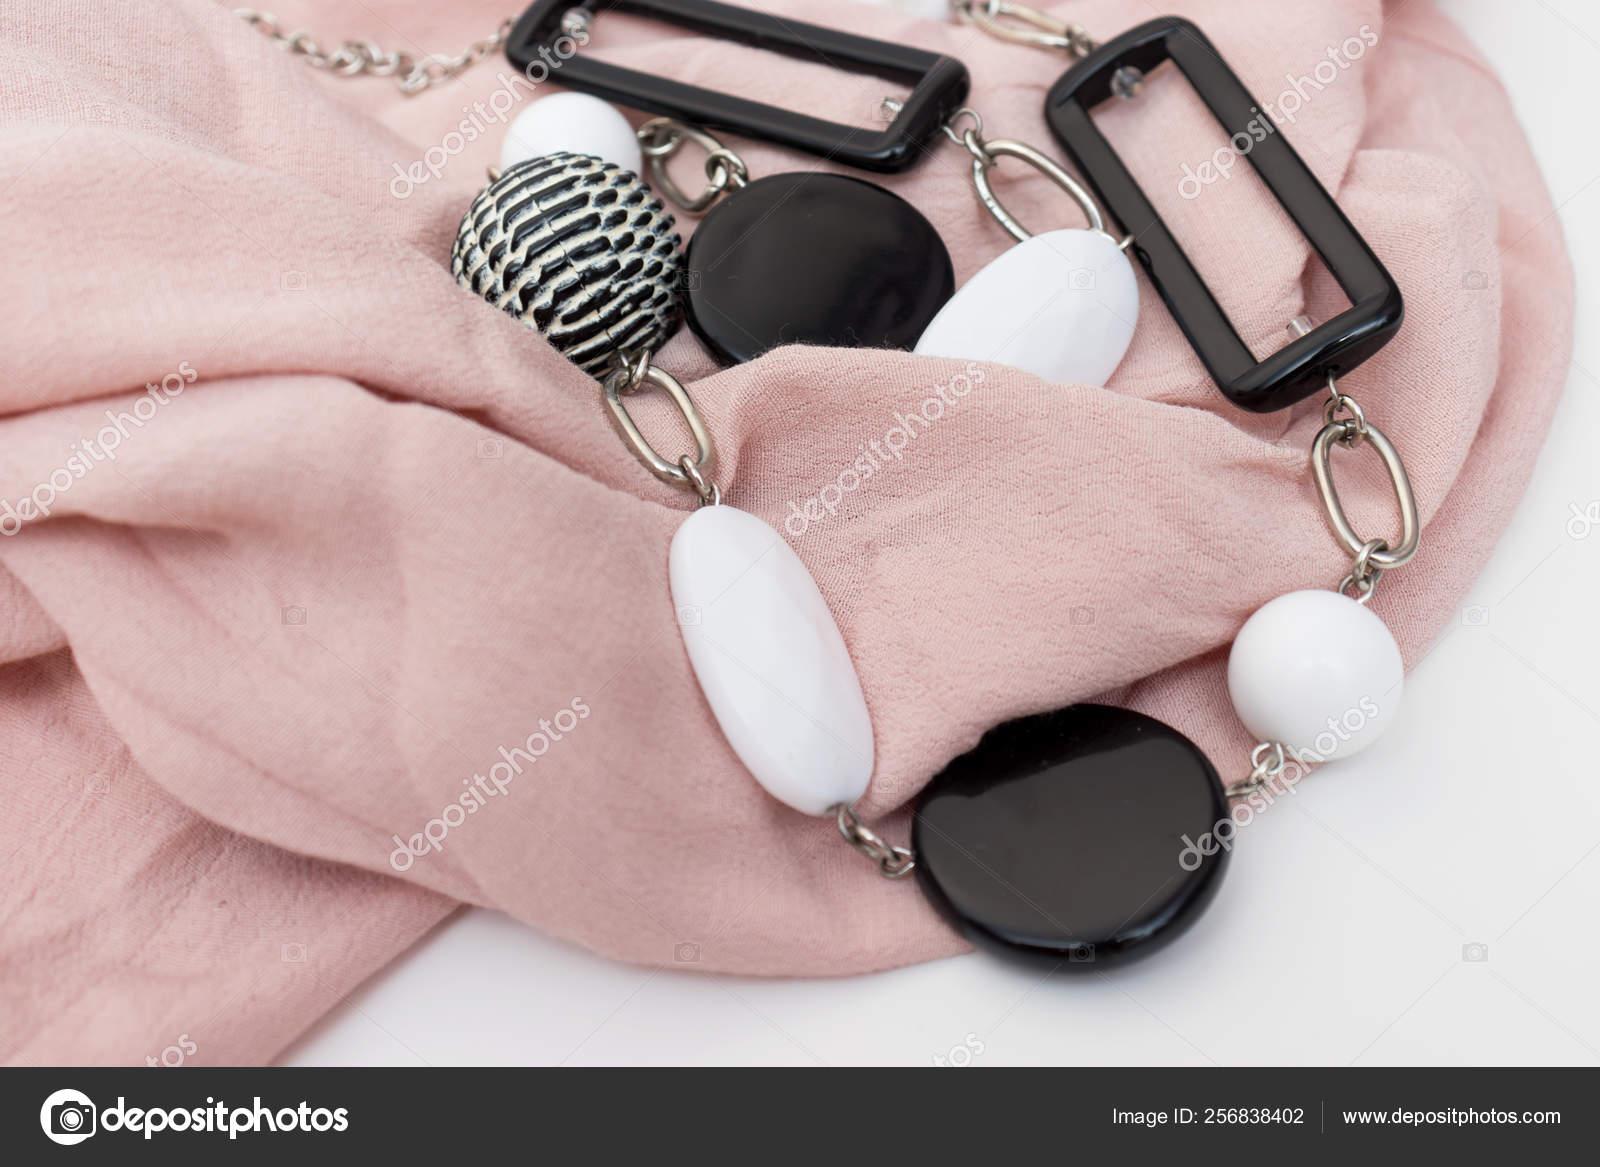 100% de qualité supérieure Prix de gros 2019 prix le plus bas Black and white bijouterie necklace with geometric beads and ...